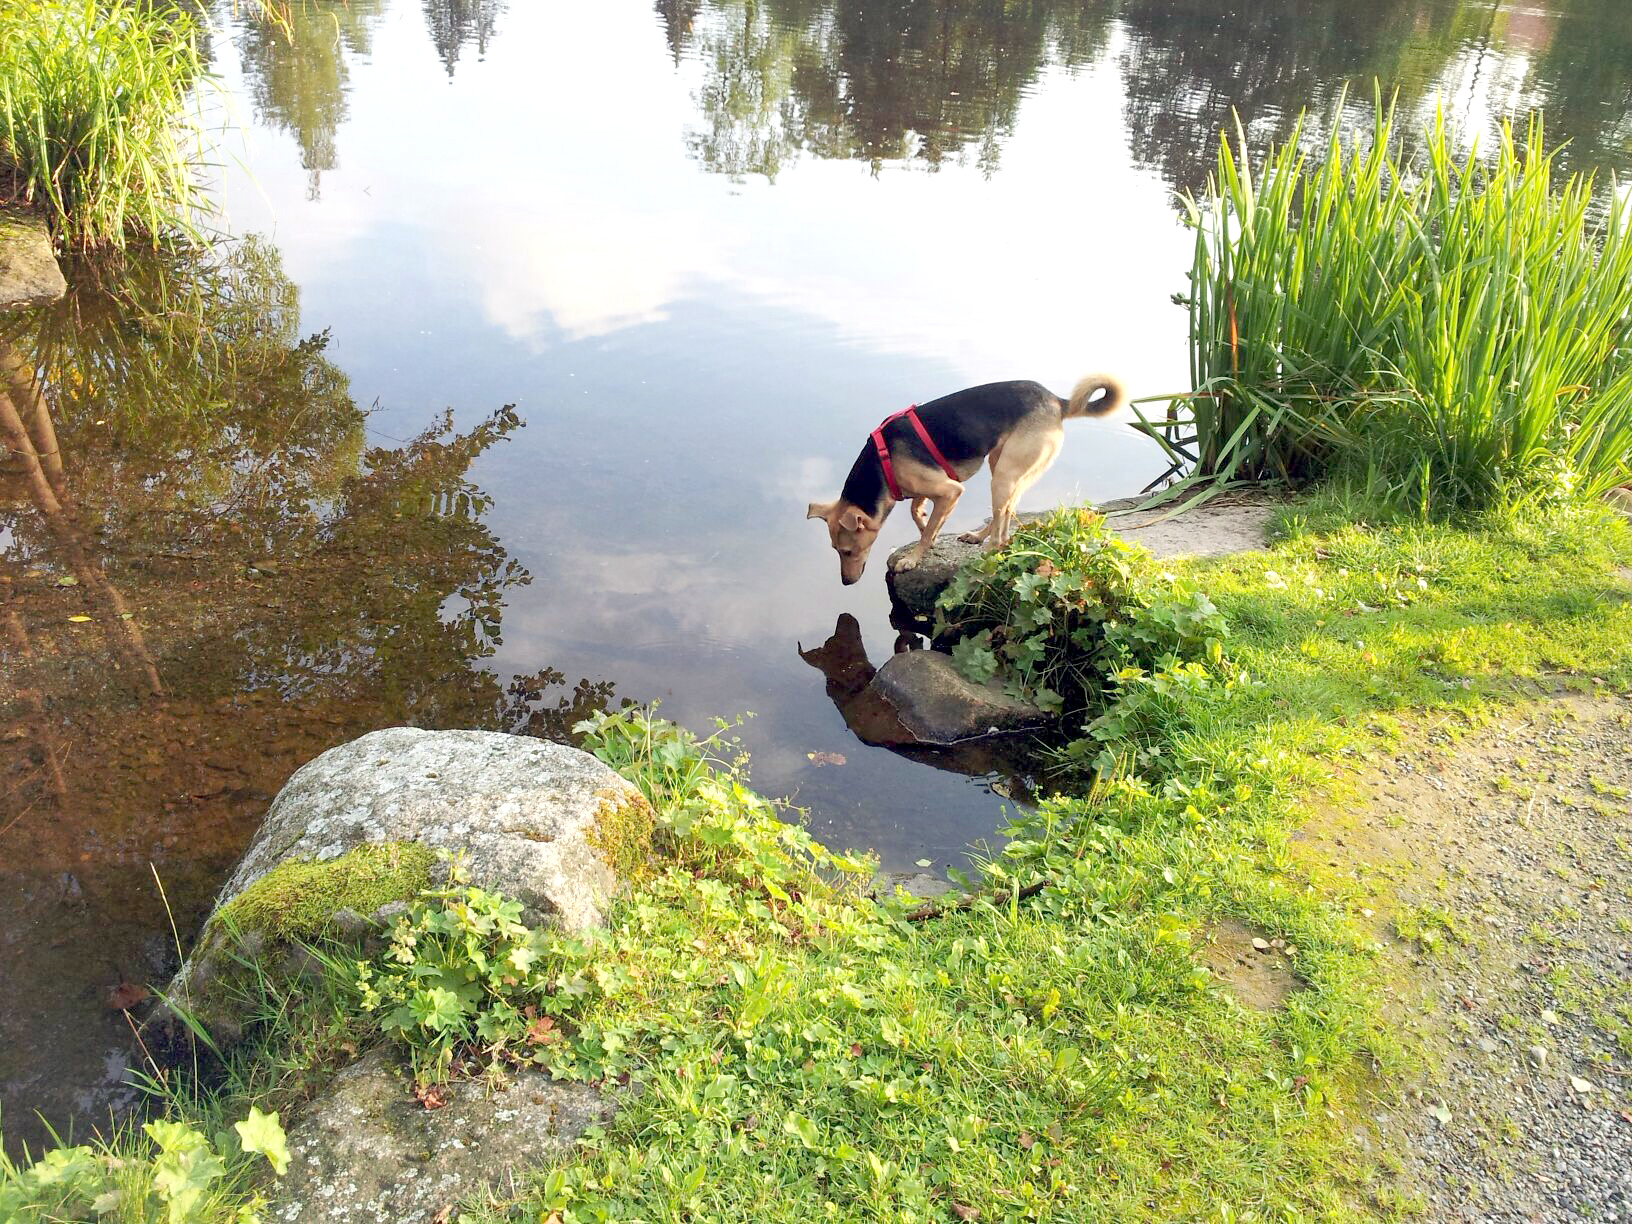 Frauchen, da ist ein Hund im See